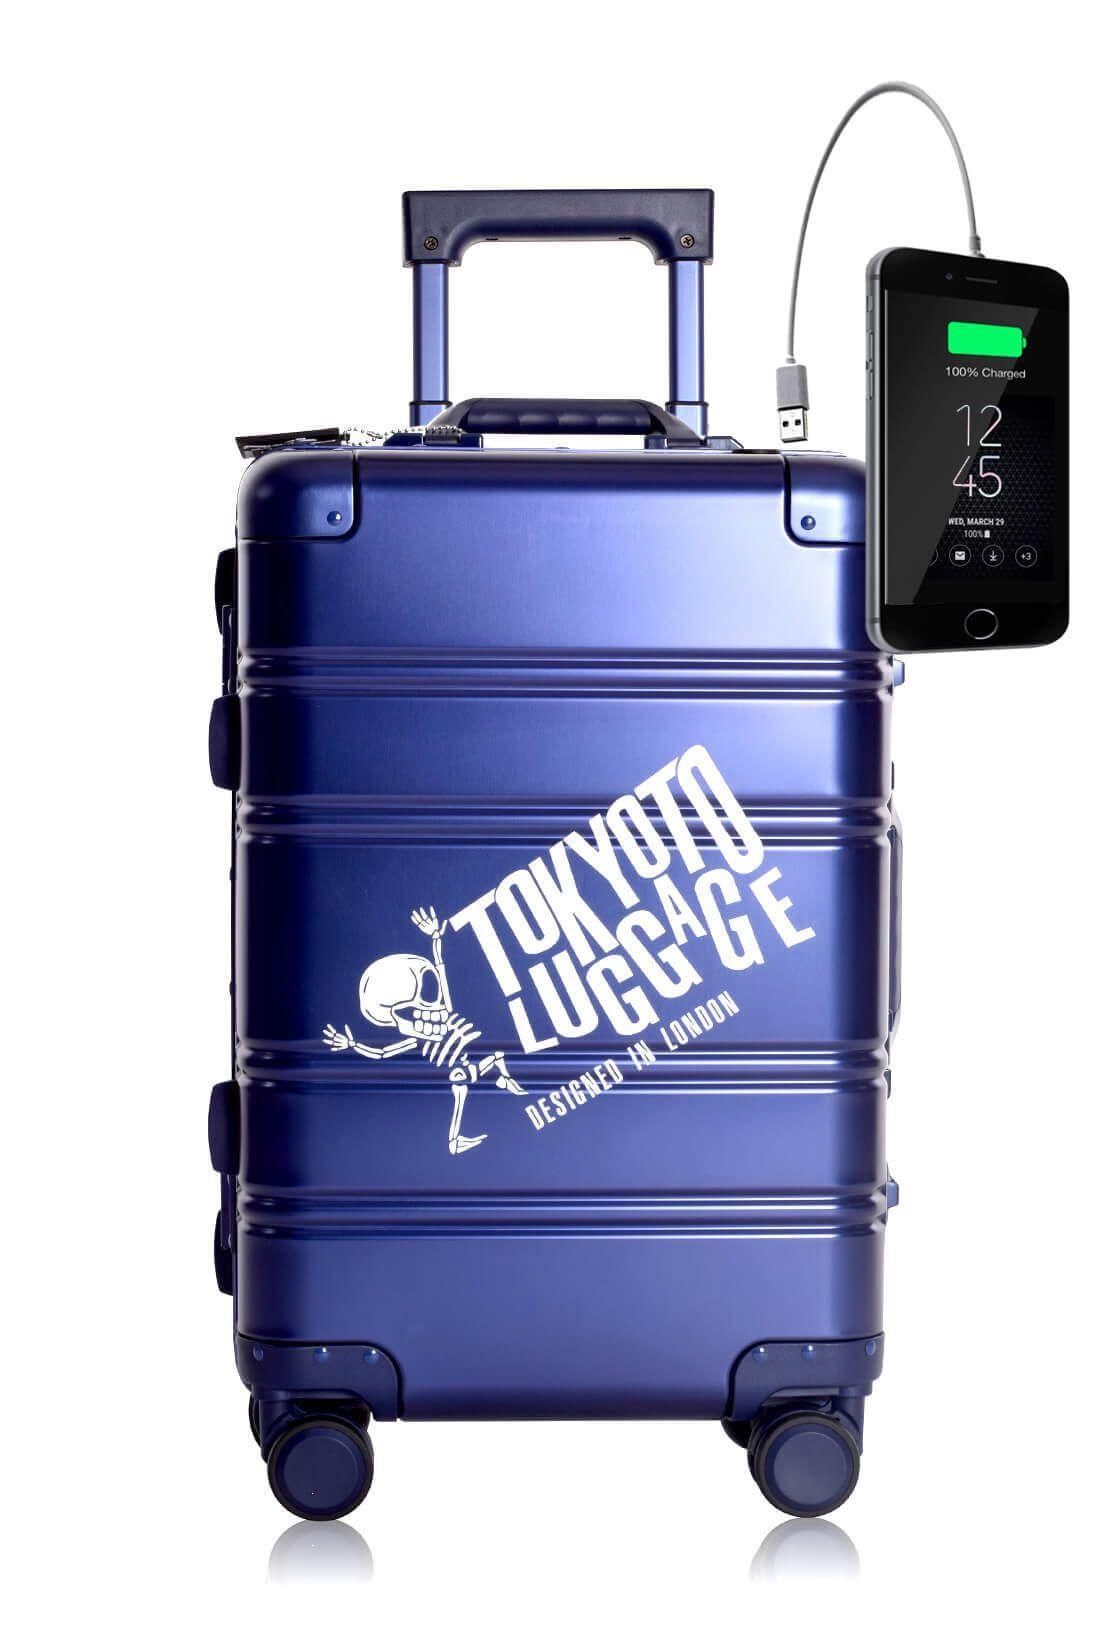 Web BLUE LOGO Maleta de Cabina de Cabina con Cargador para Movil